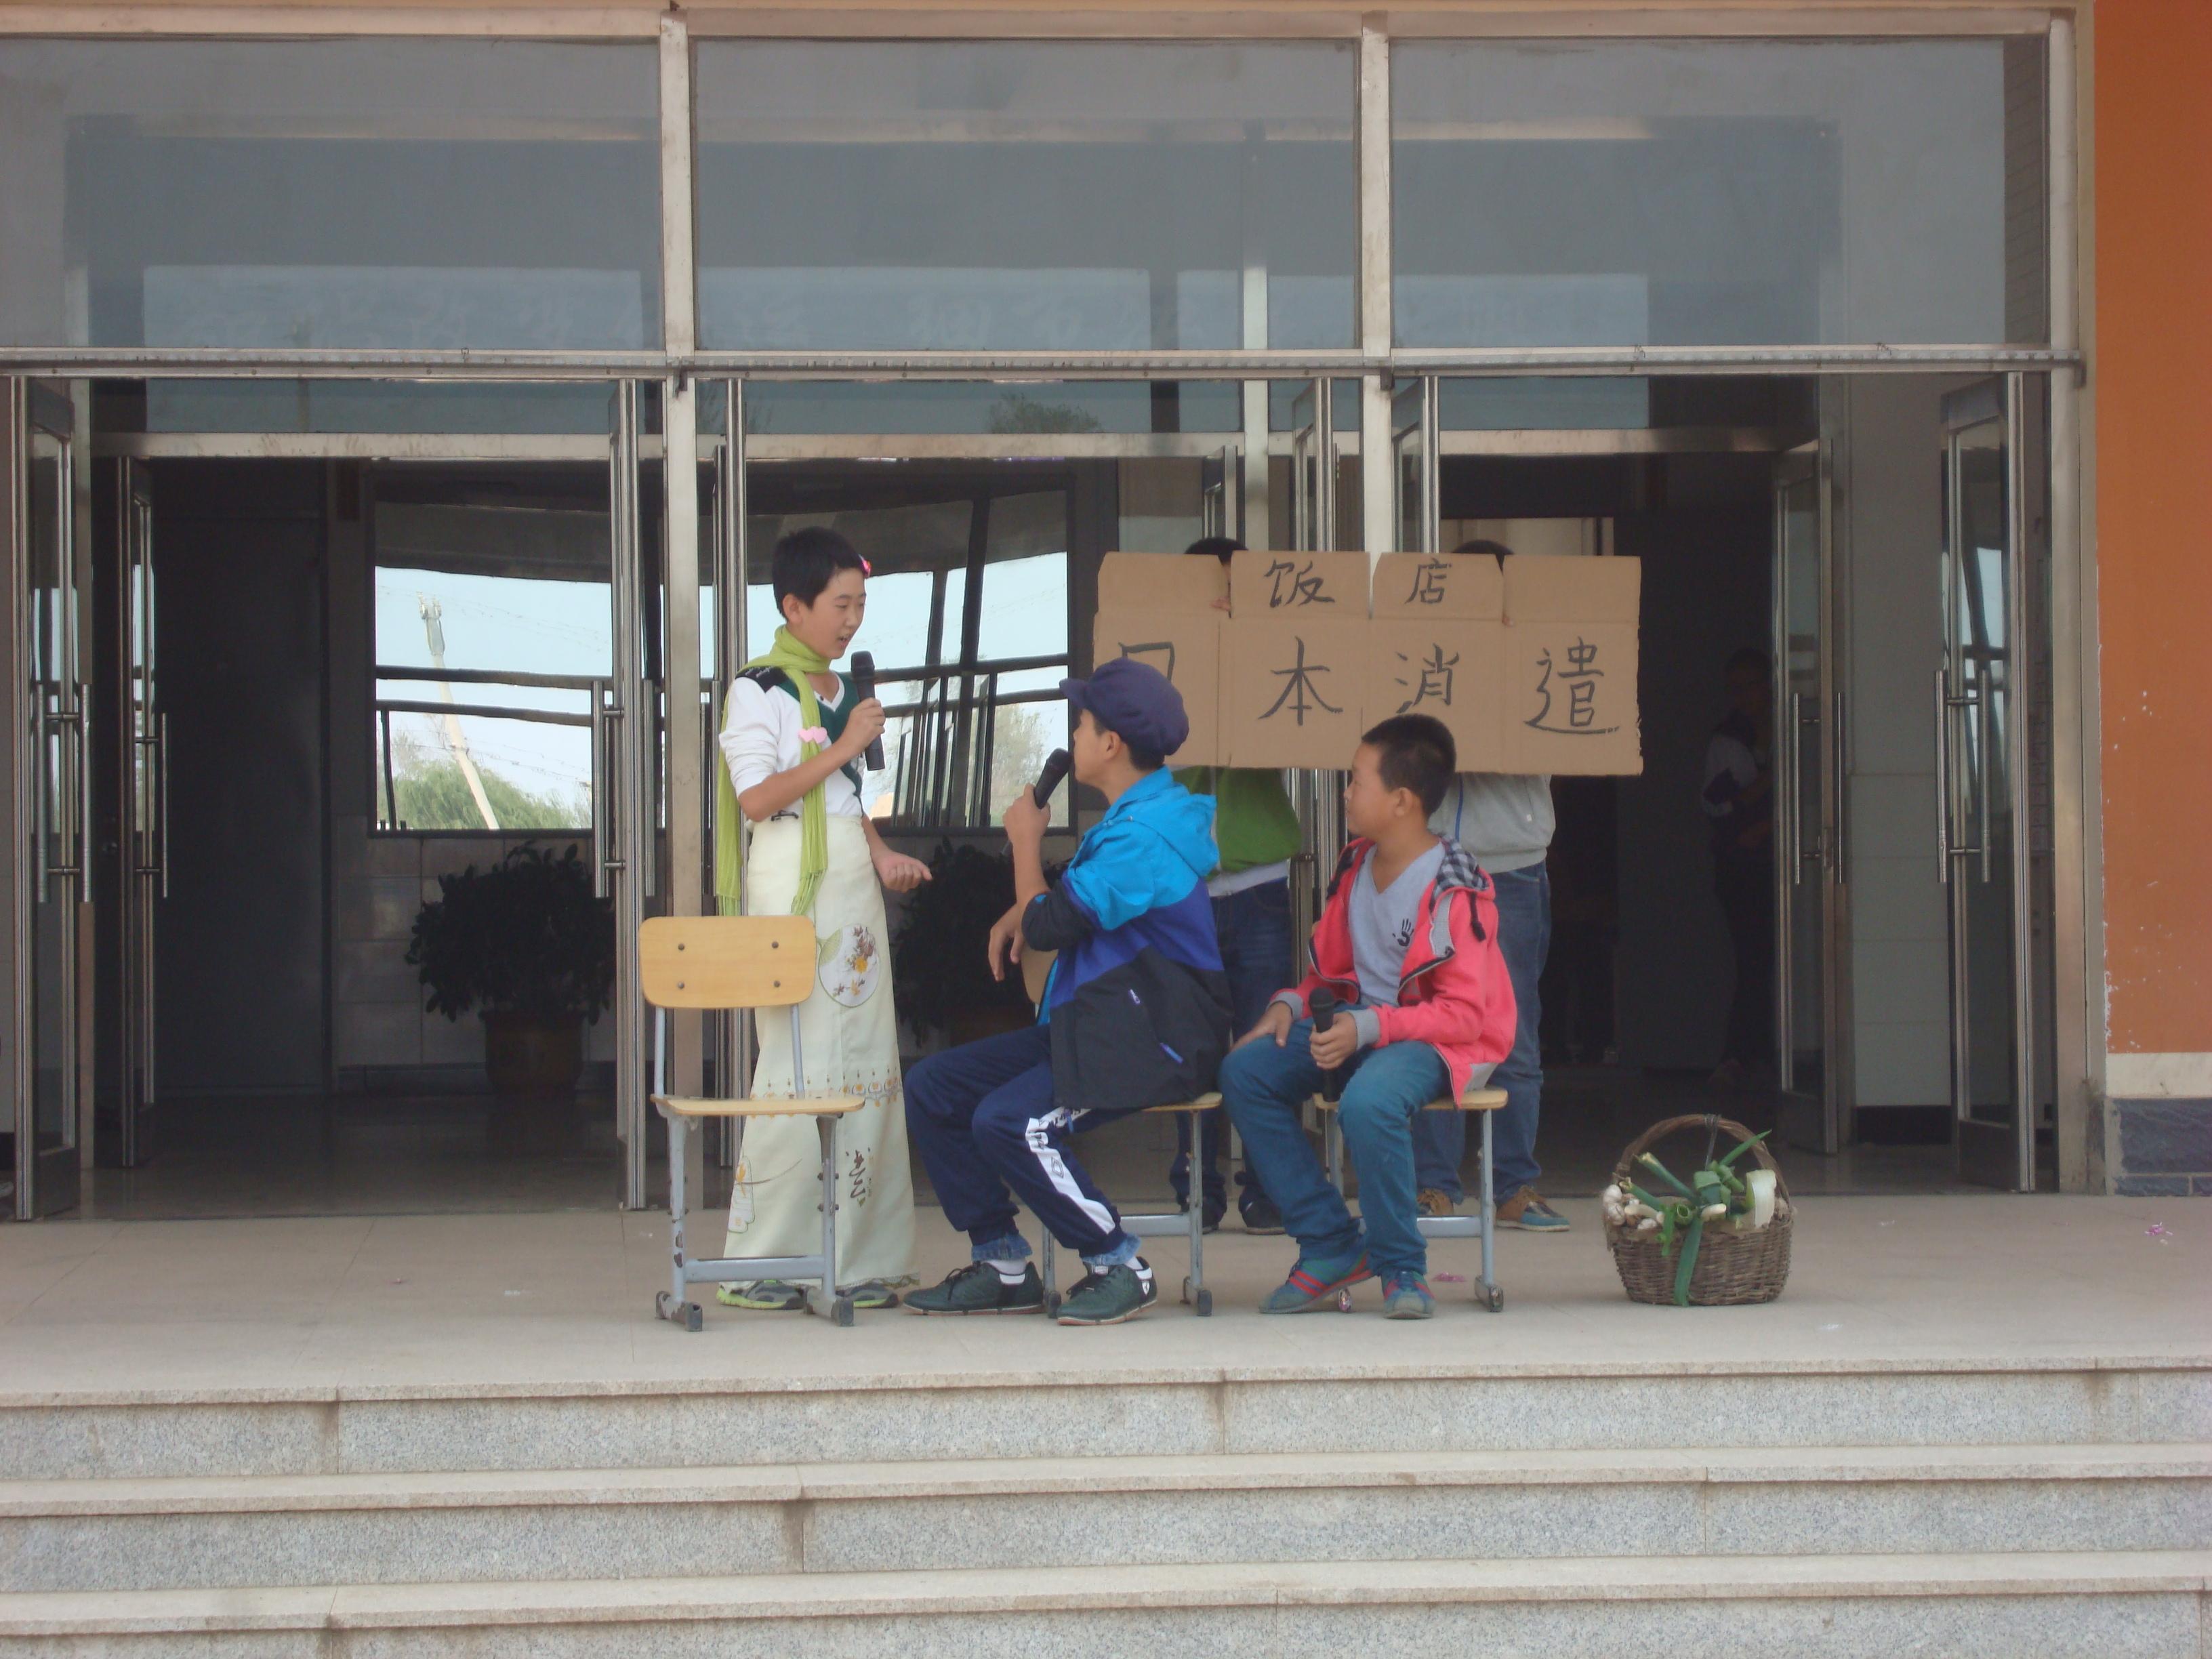 辽宁葫芦岛市绥中县范家学校师生庆国庆节活动照片